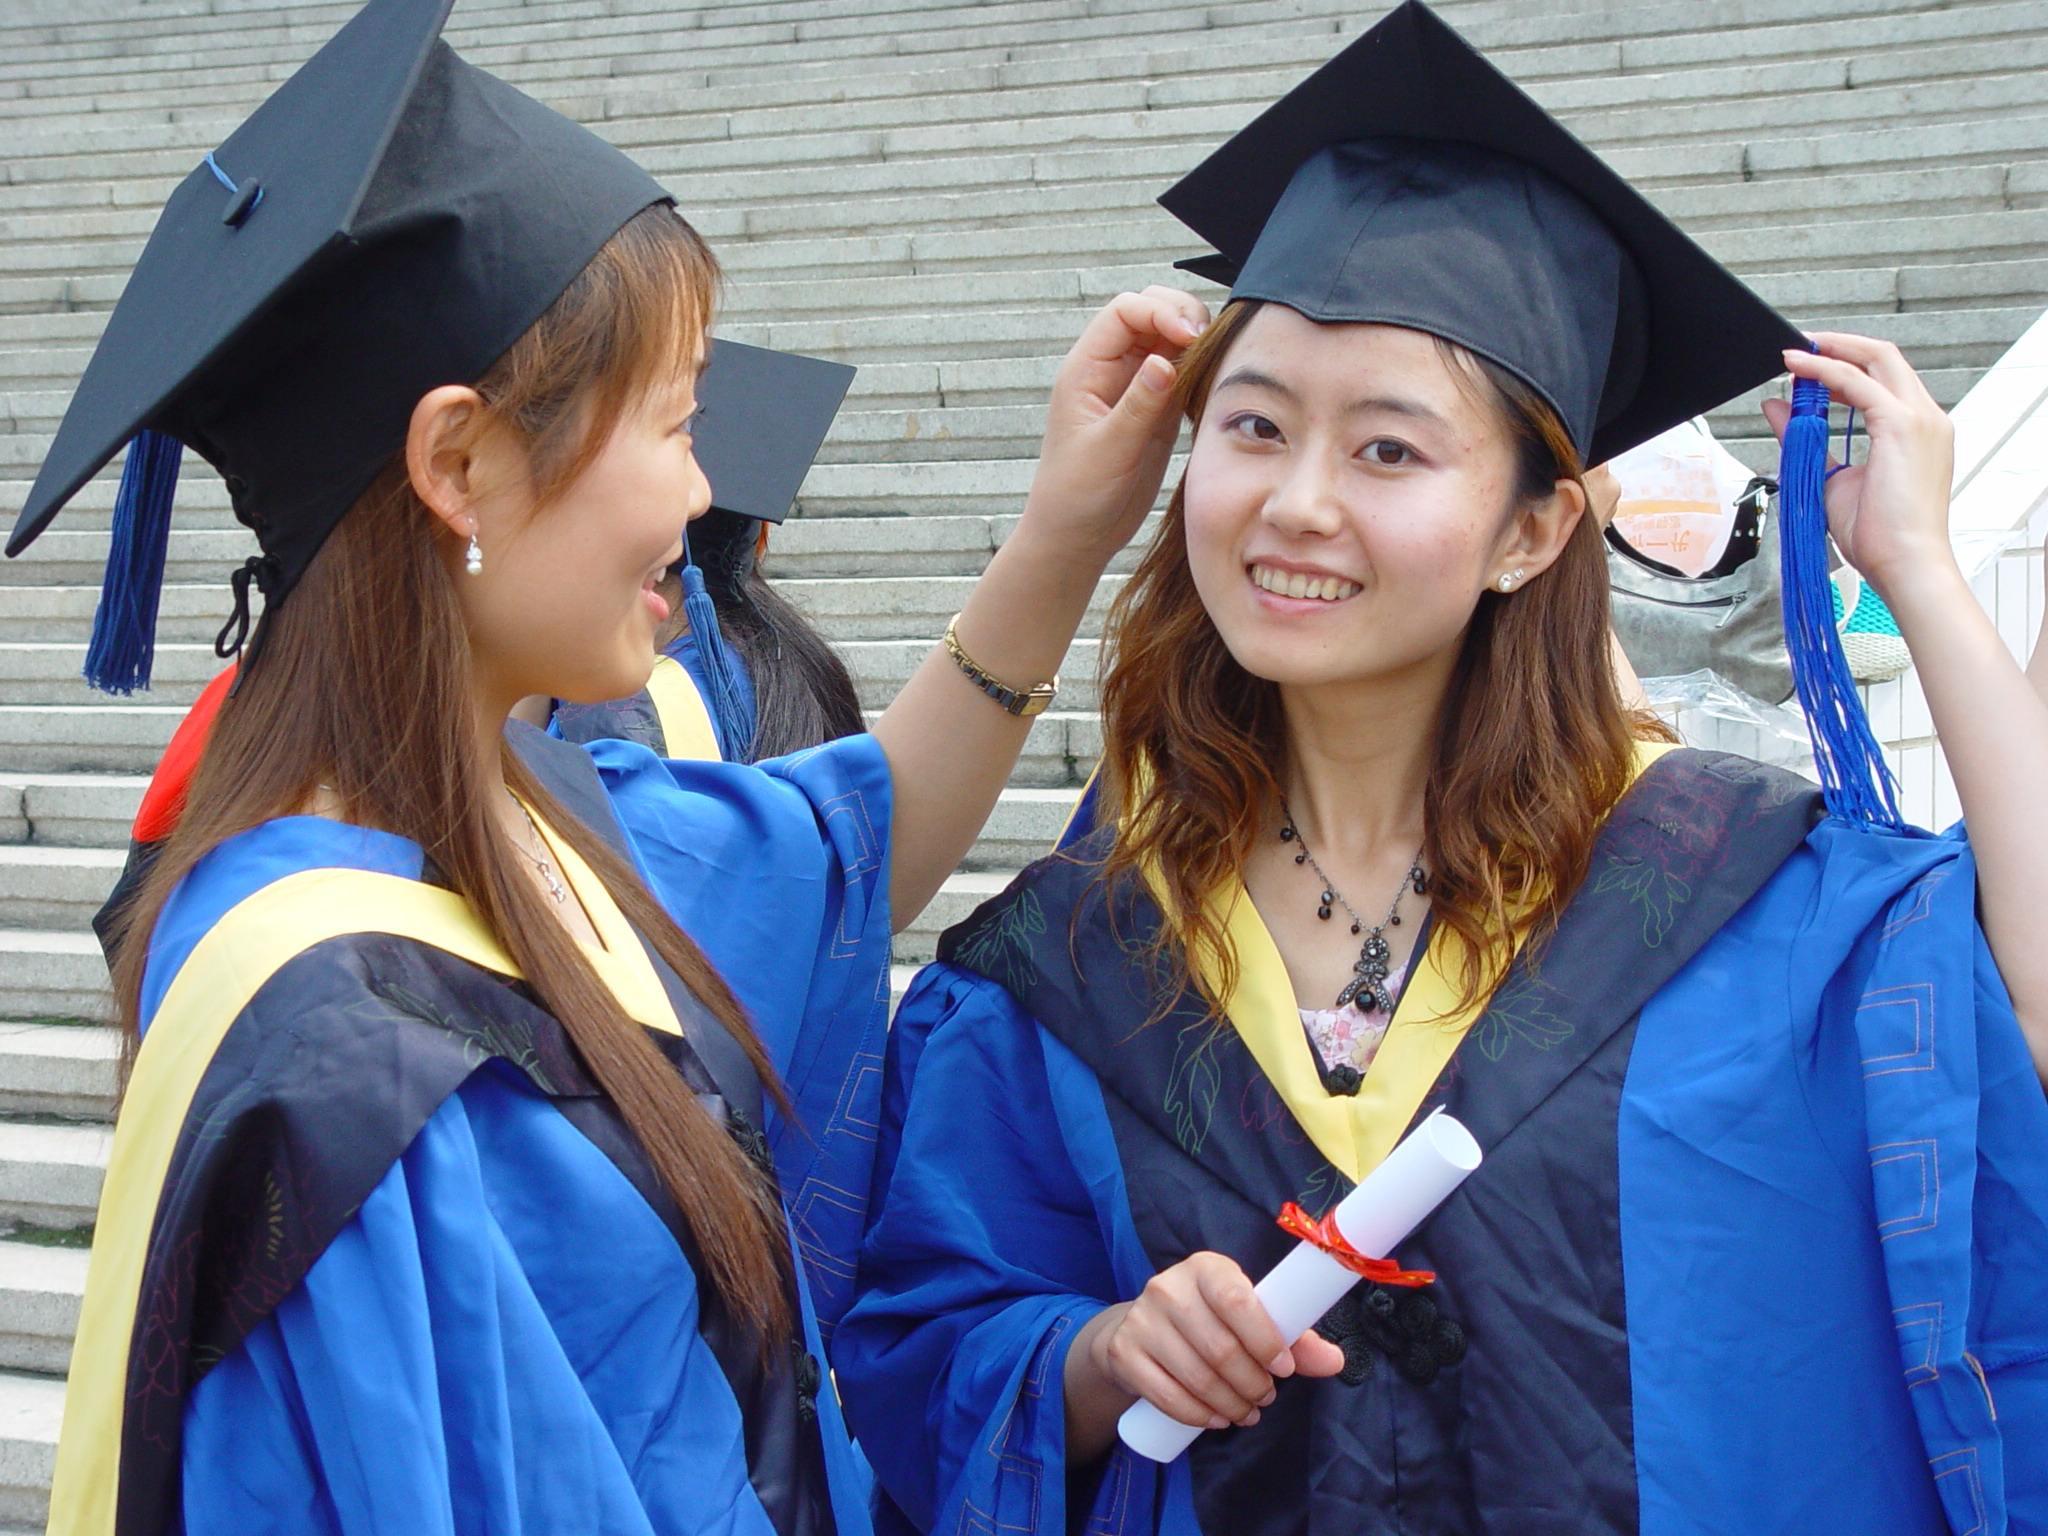 2018届全国高校毕业生人数达到820万,各位HR准备好了吗